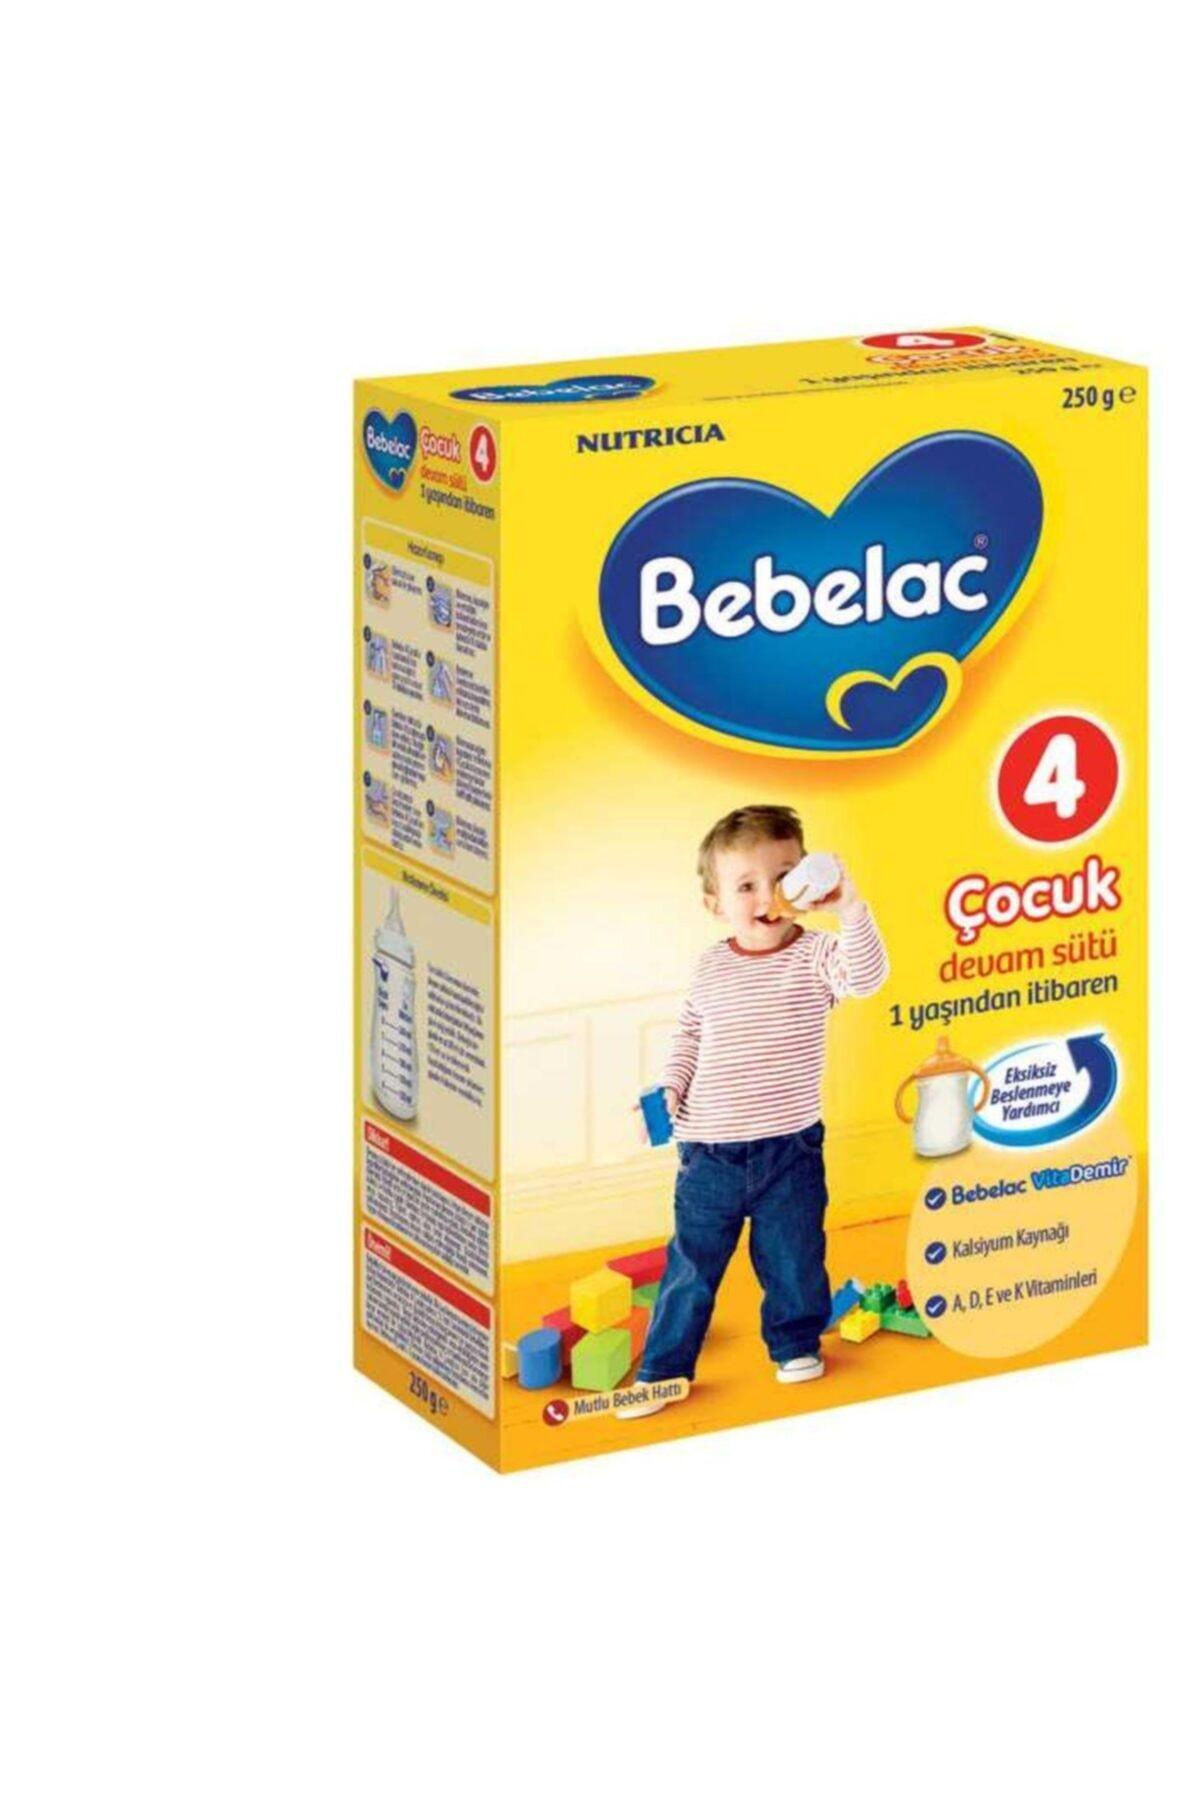 Bebelac 4 Devam Sütü 250 Gr 1